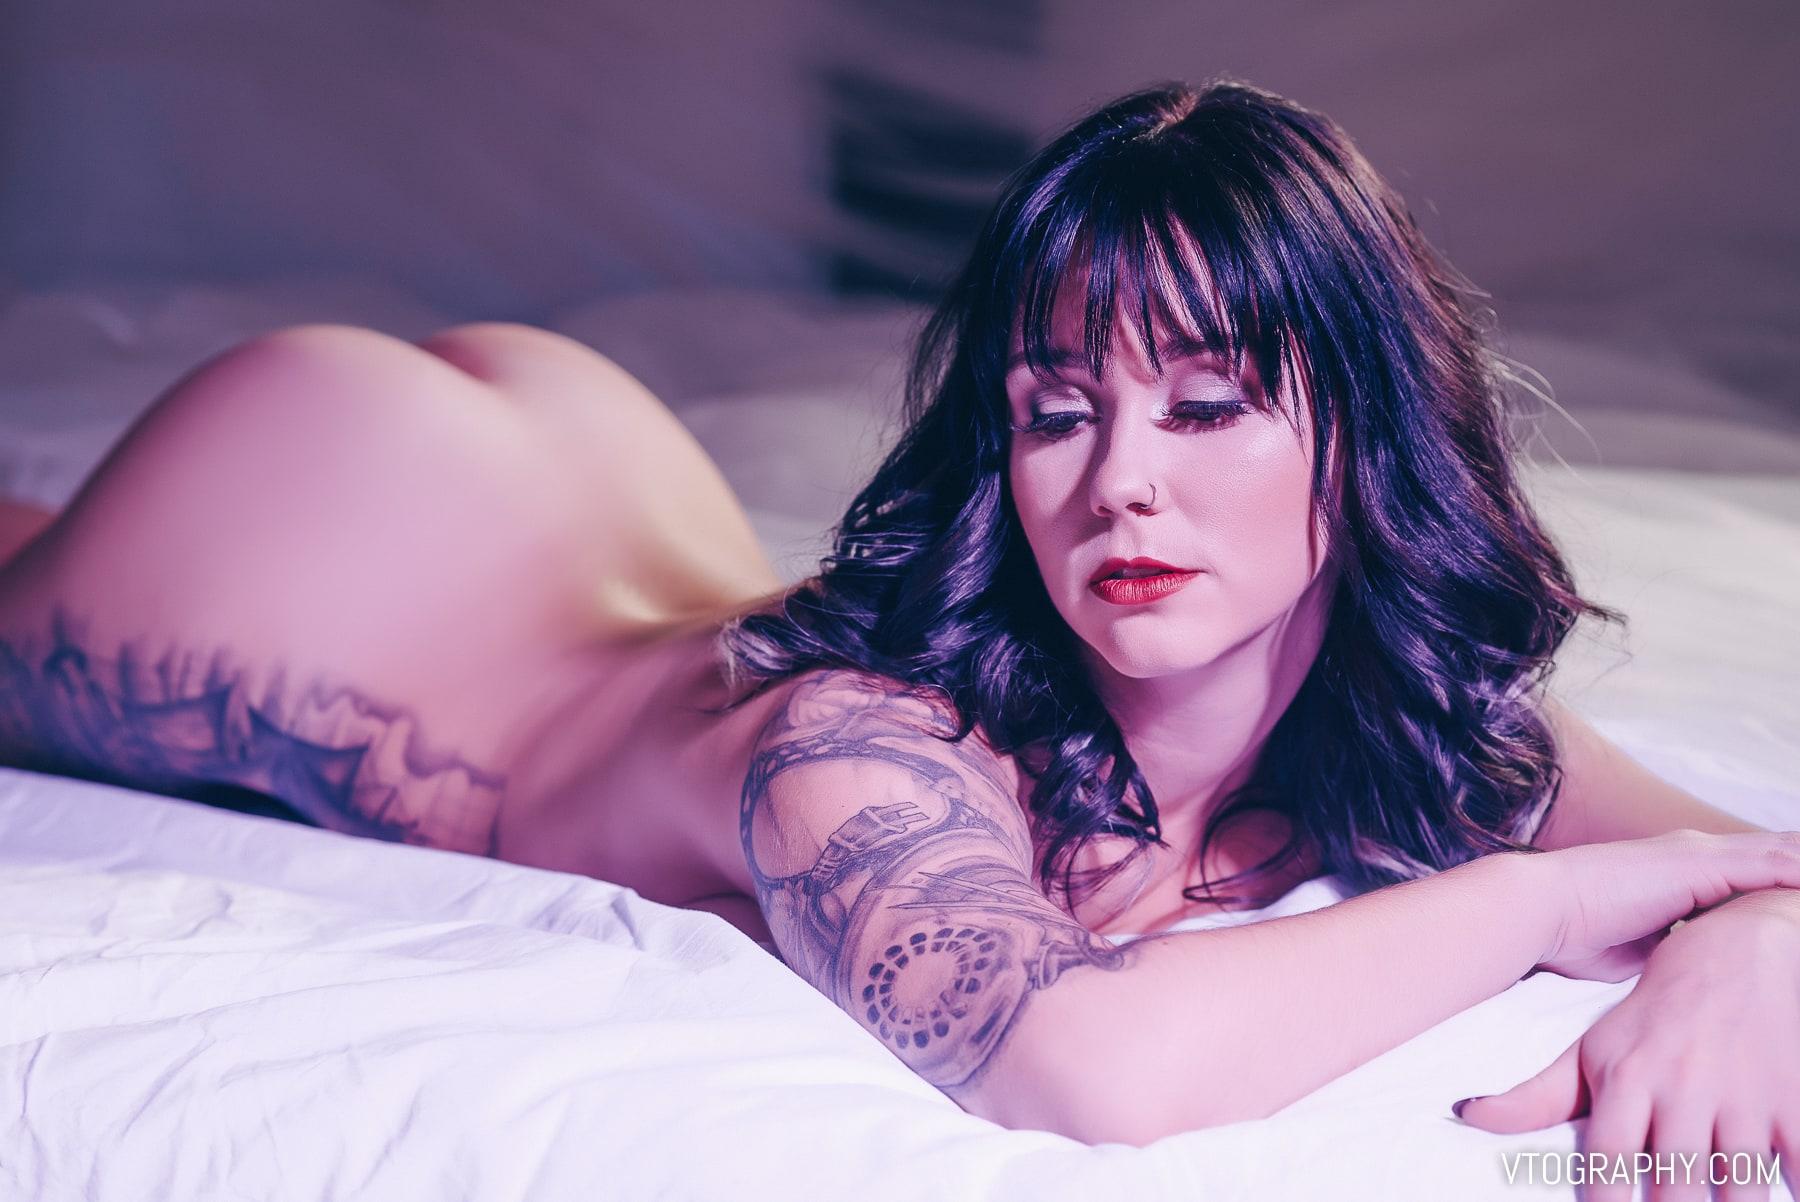 Emily in lingerie